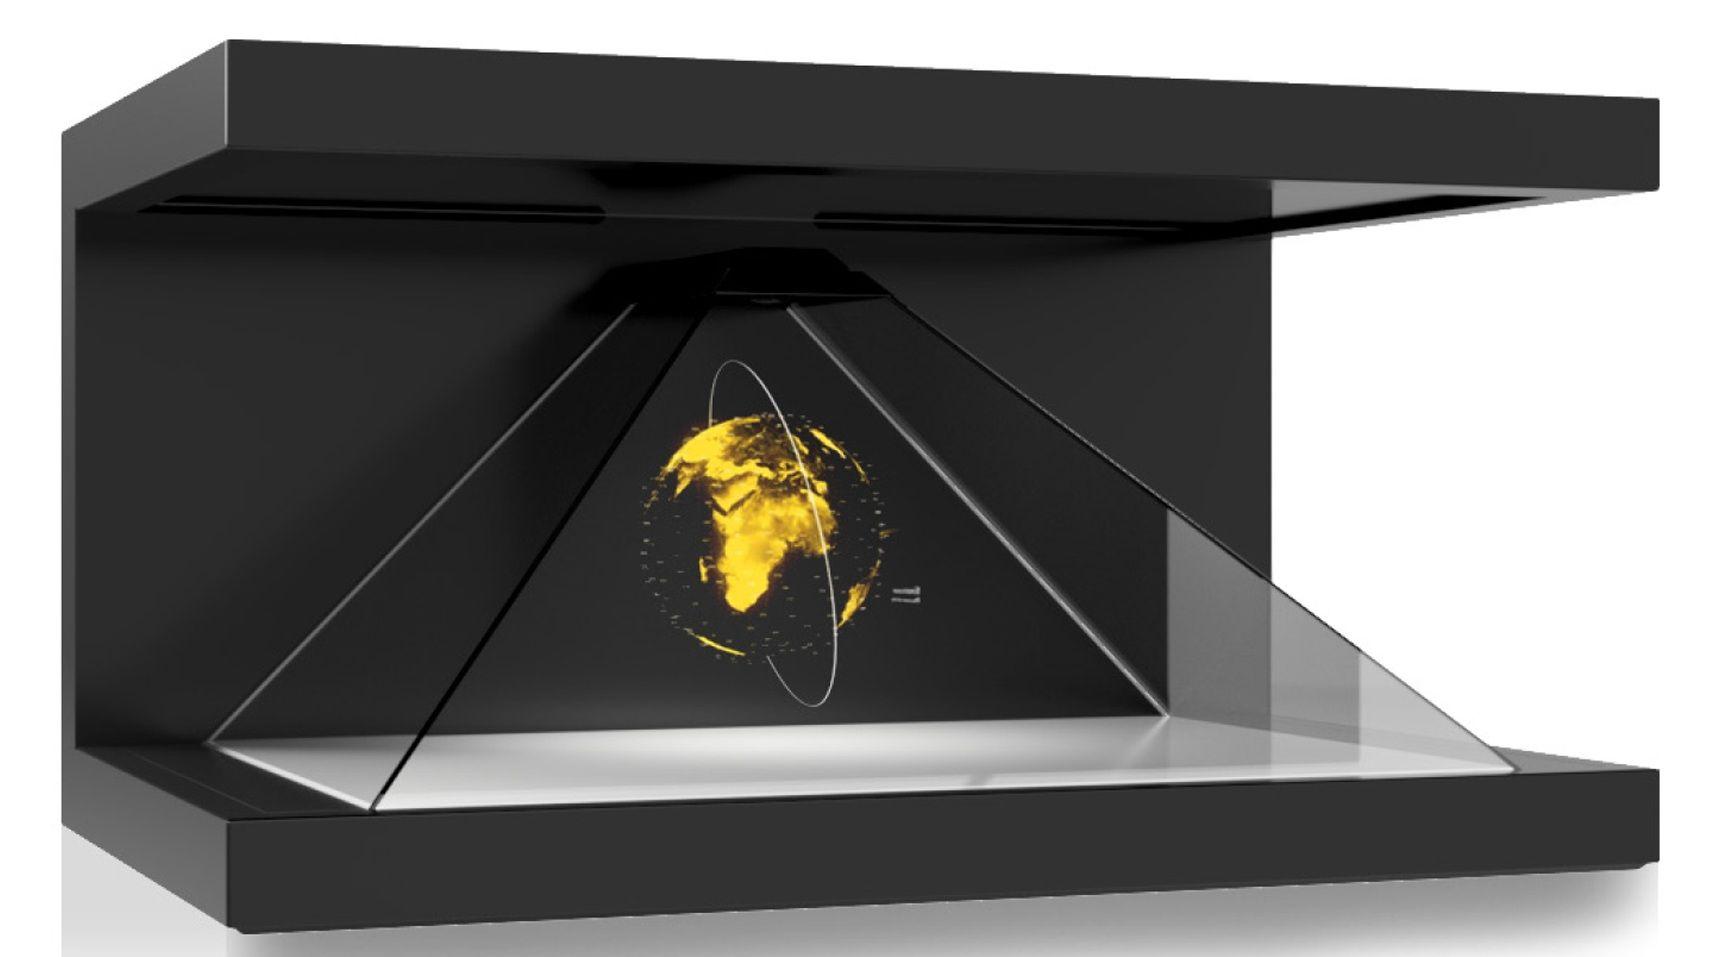 hologramas-para-eventos-int